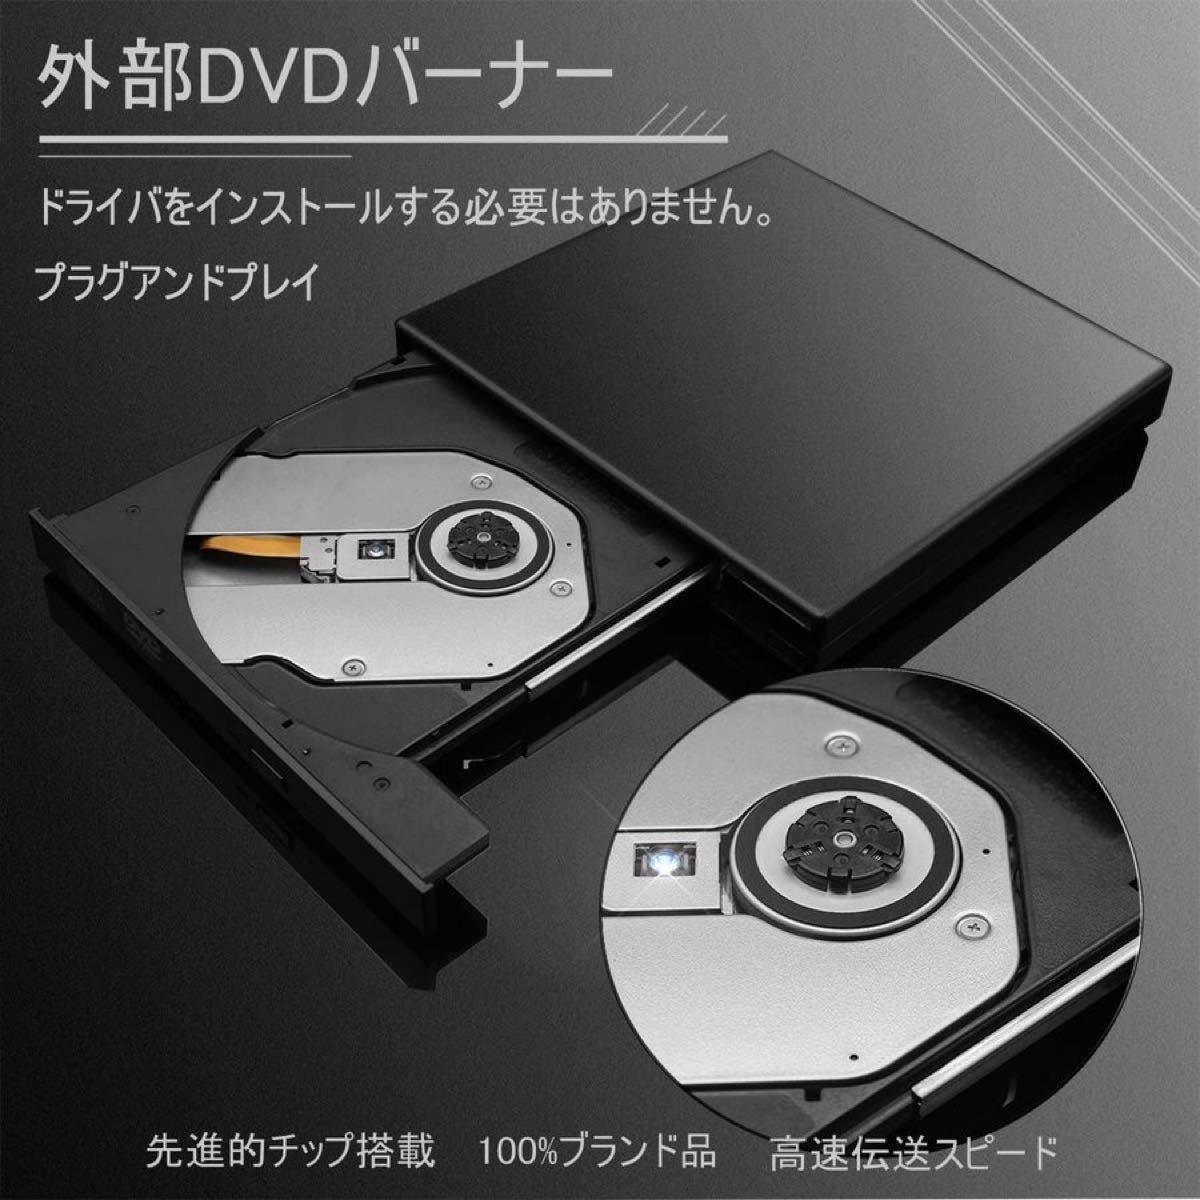 DVDドライブ 外付けUSB2.0外付けWindows/Mac OS対応 Windows mac 外付け ドライブ 書き込み